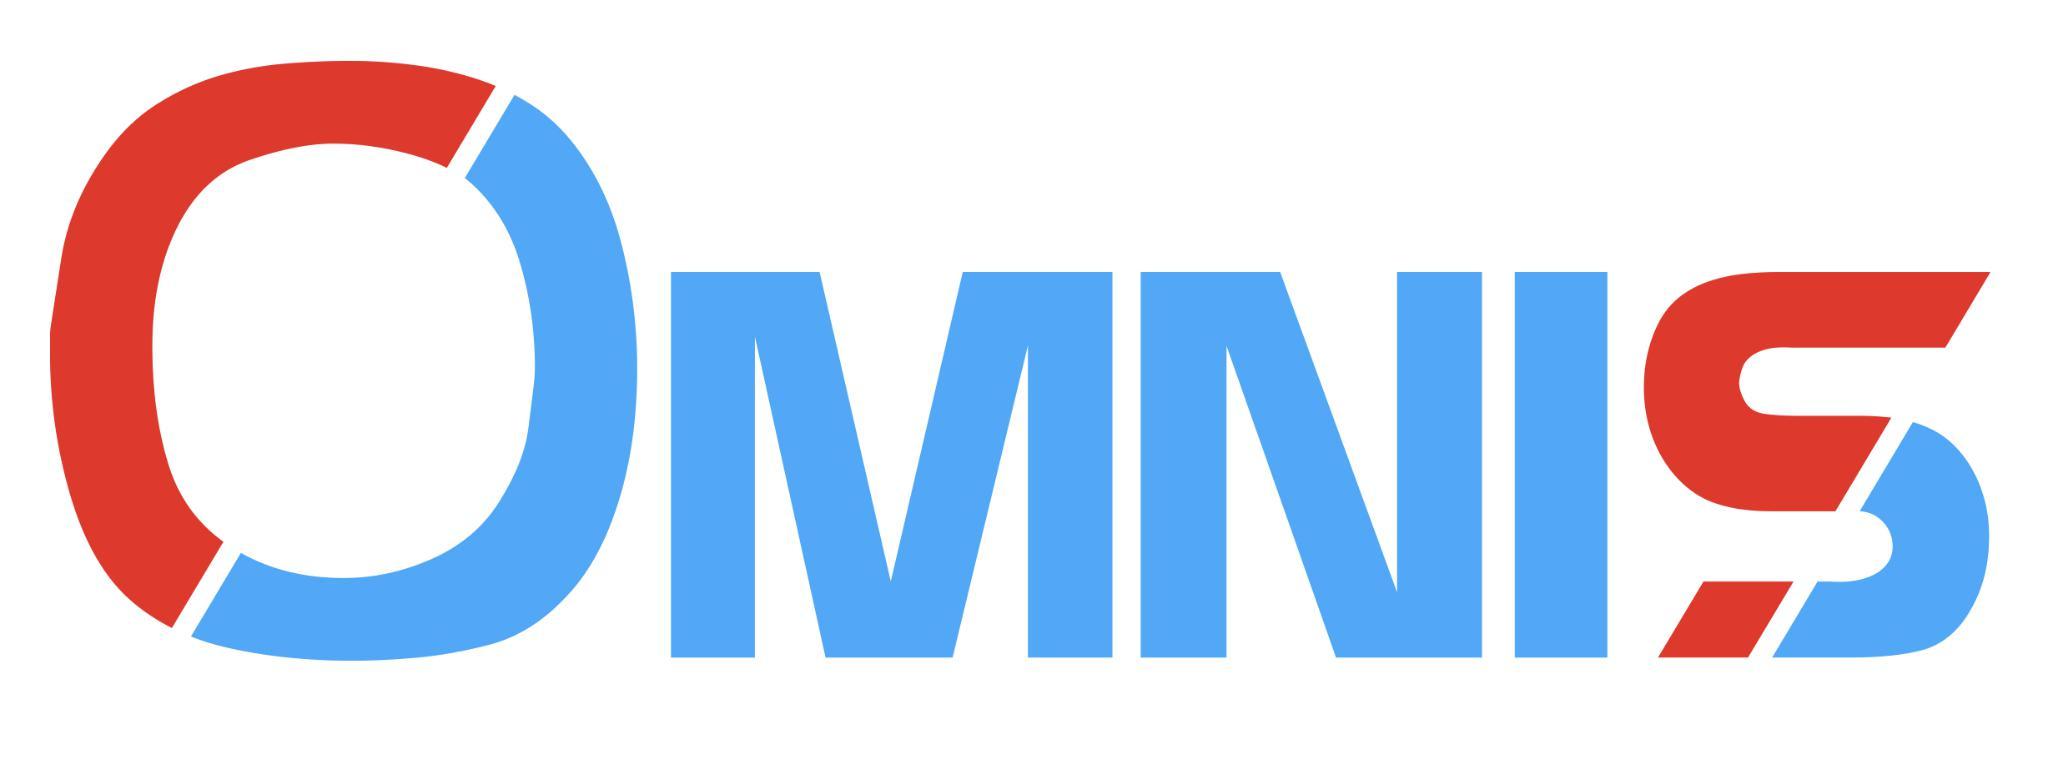 Logo hình chữ nhật có thể hiển thị tên thương hiệu đầy đủ